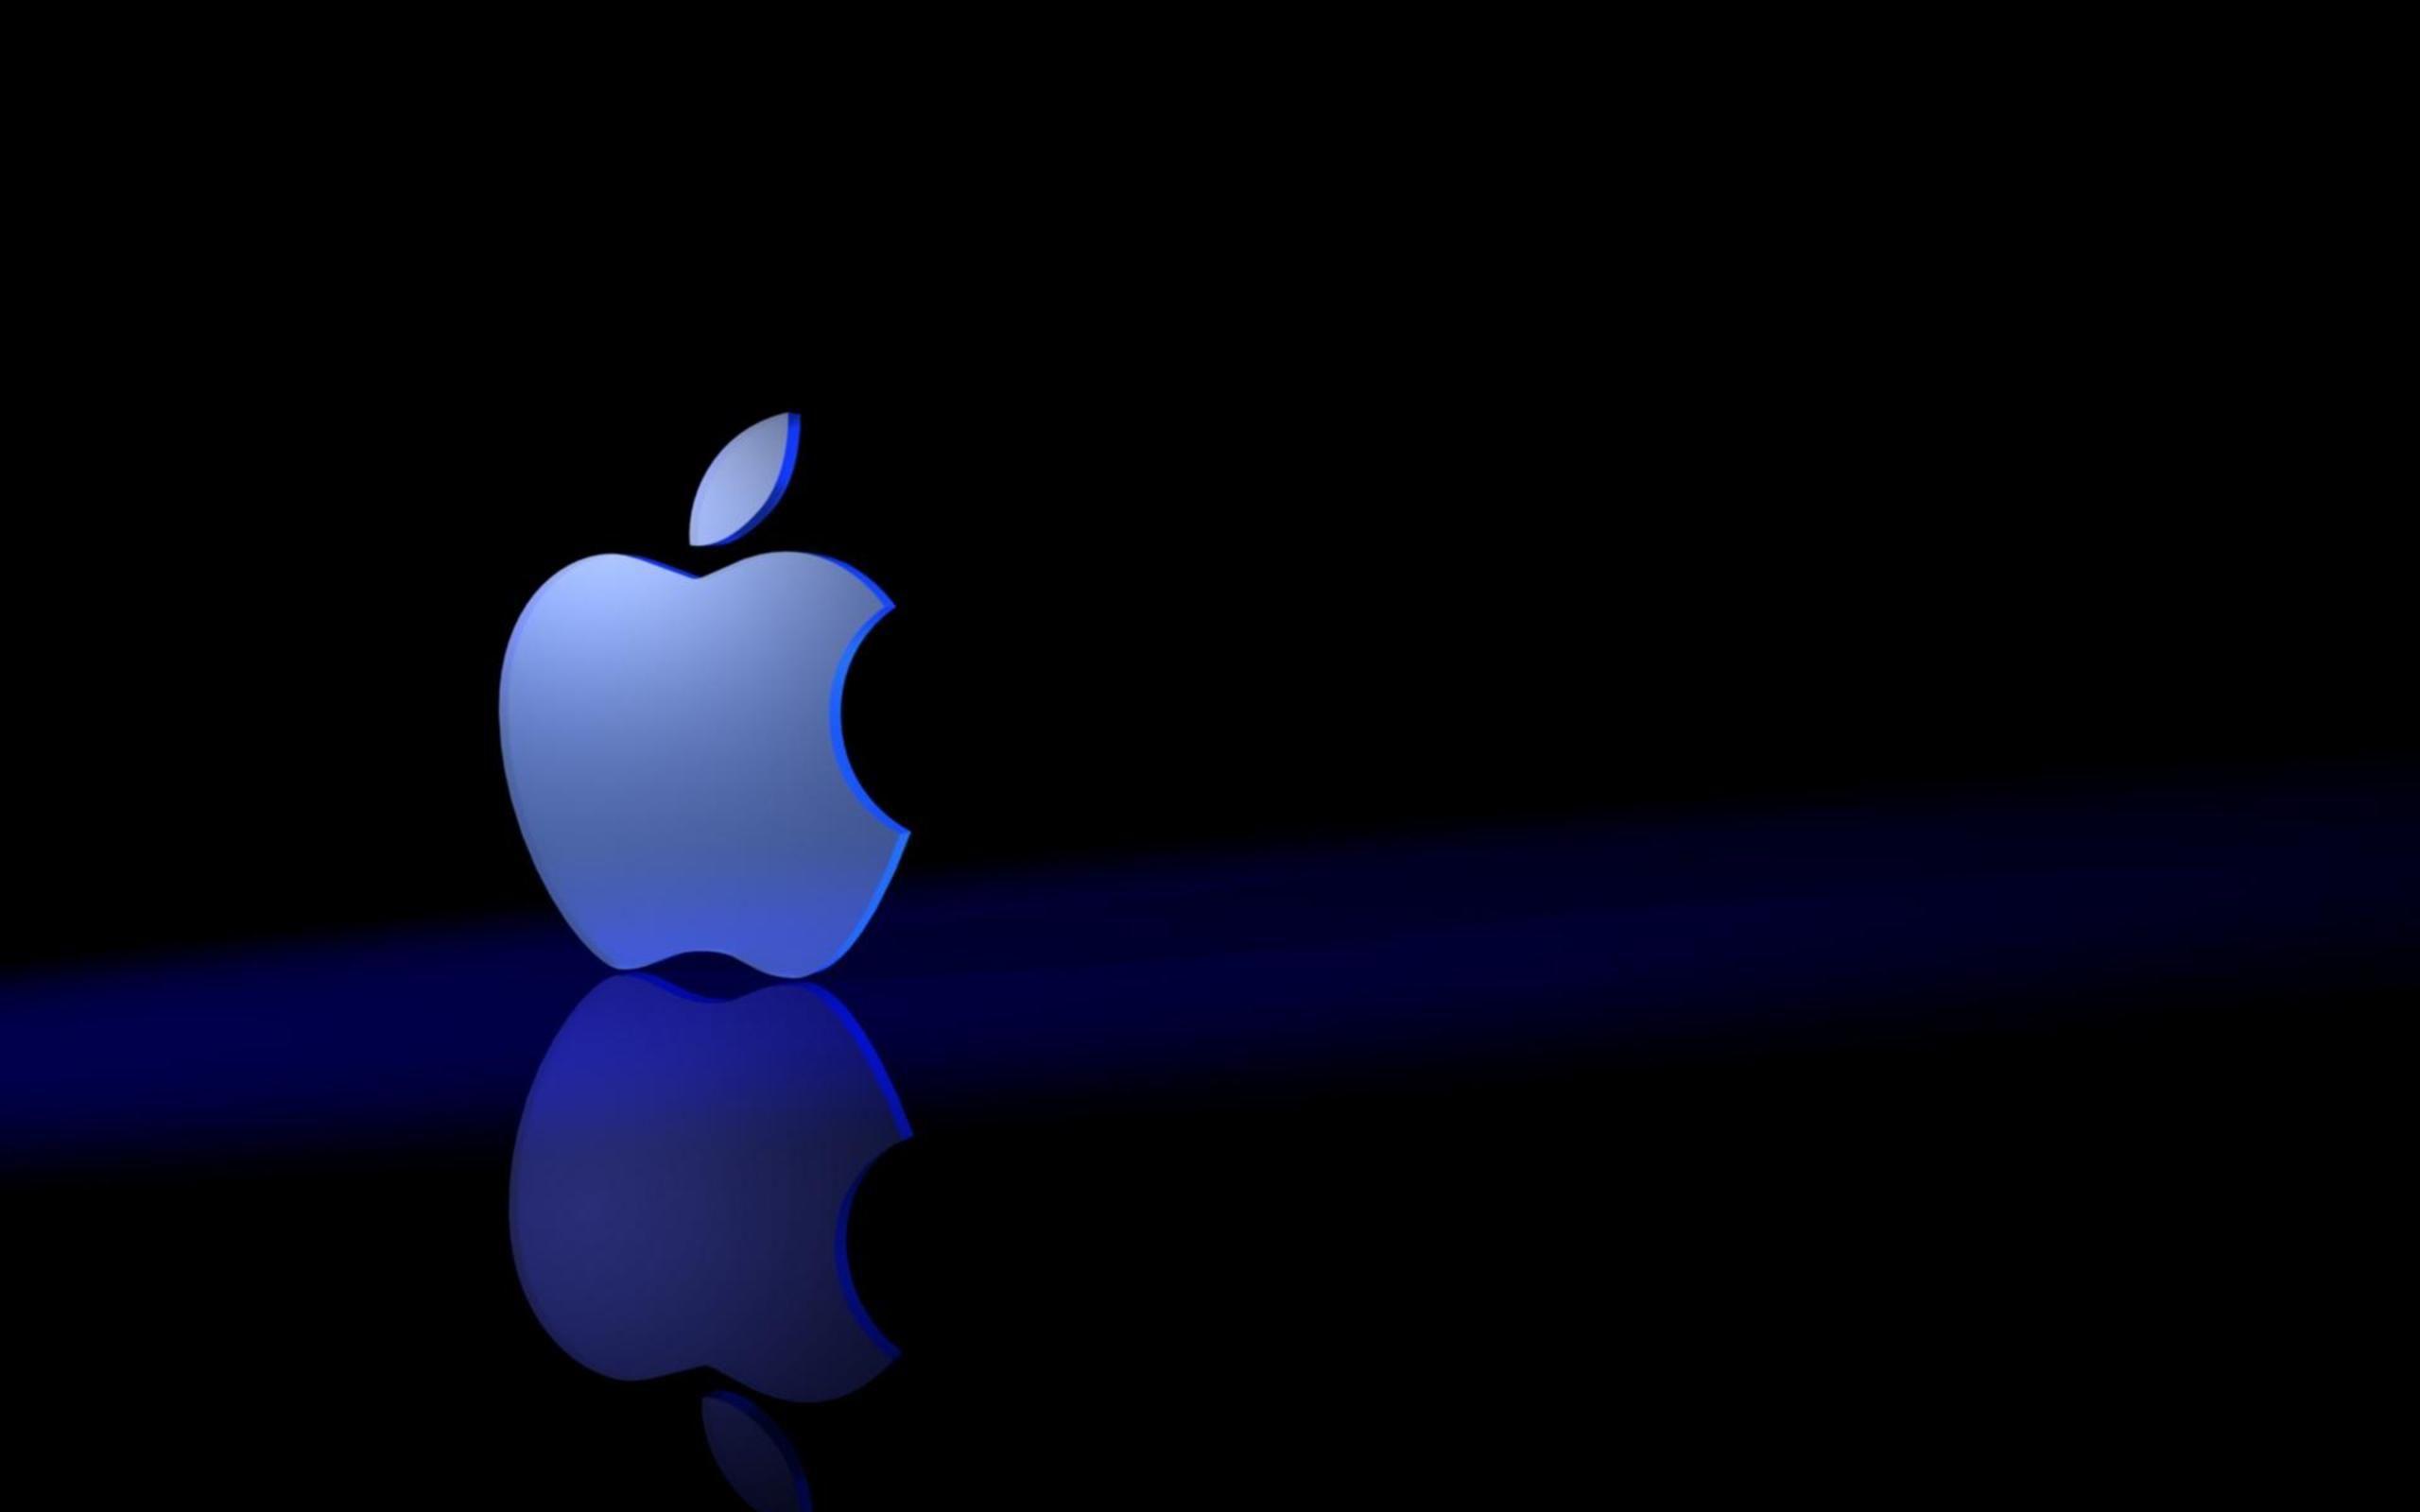 3d Silver Apple Logo Hd Wallpaper Apple Logo Wallpaper Apple Wallpaper Apple Wallpaper Full Hd